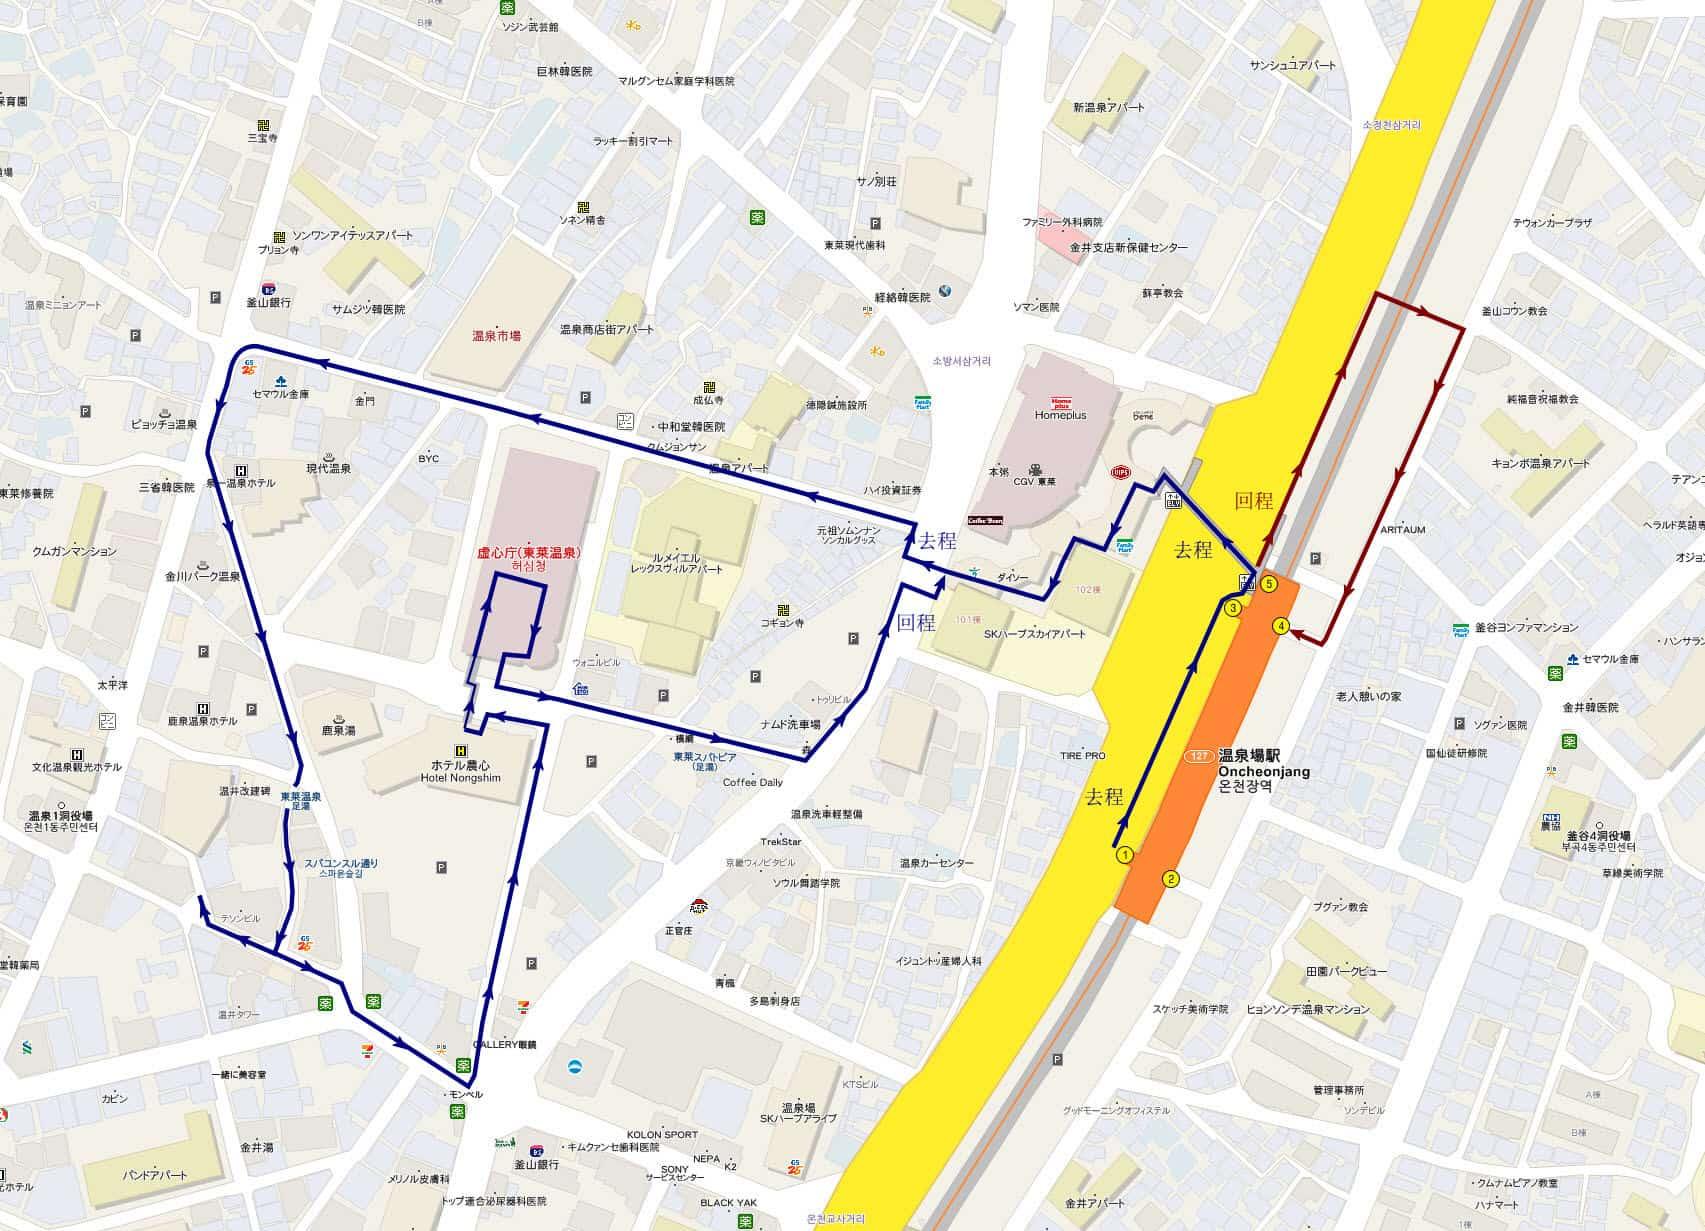 釜山東萊溫泉露天足湯步行路線地圖